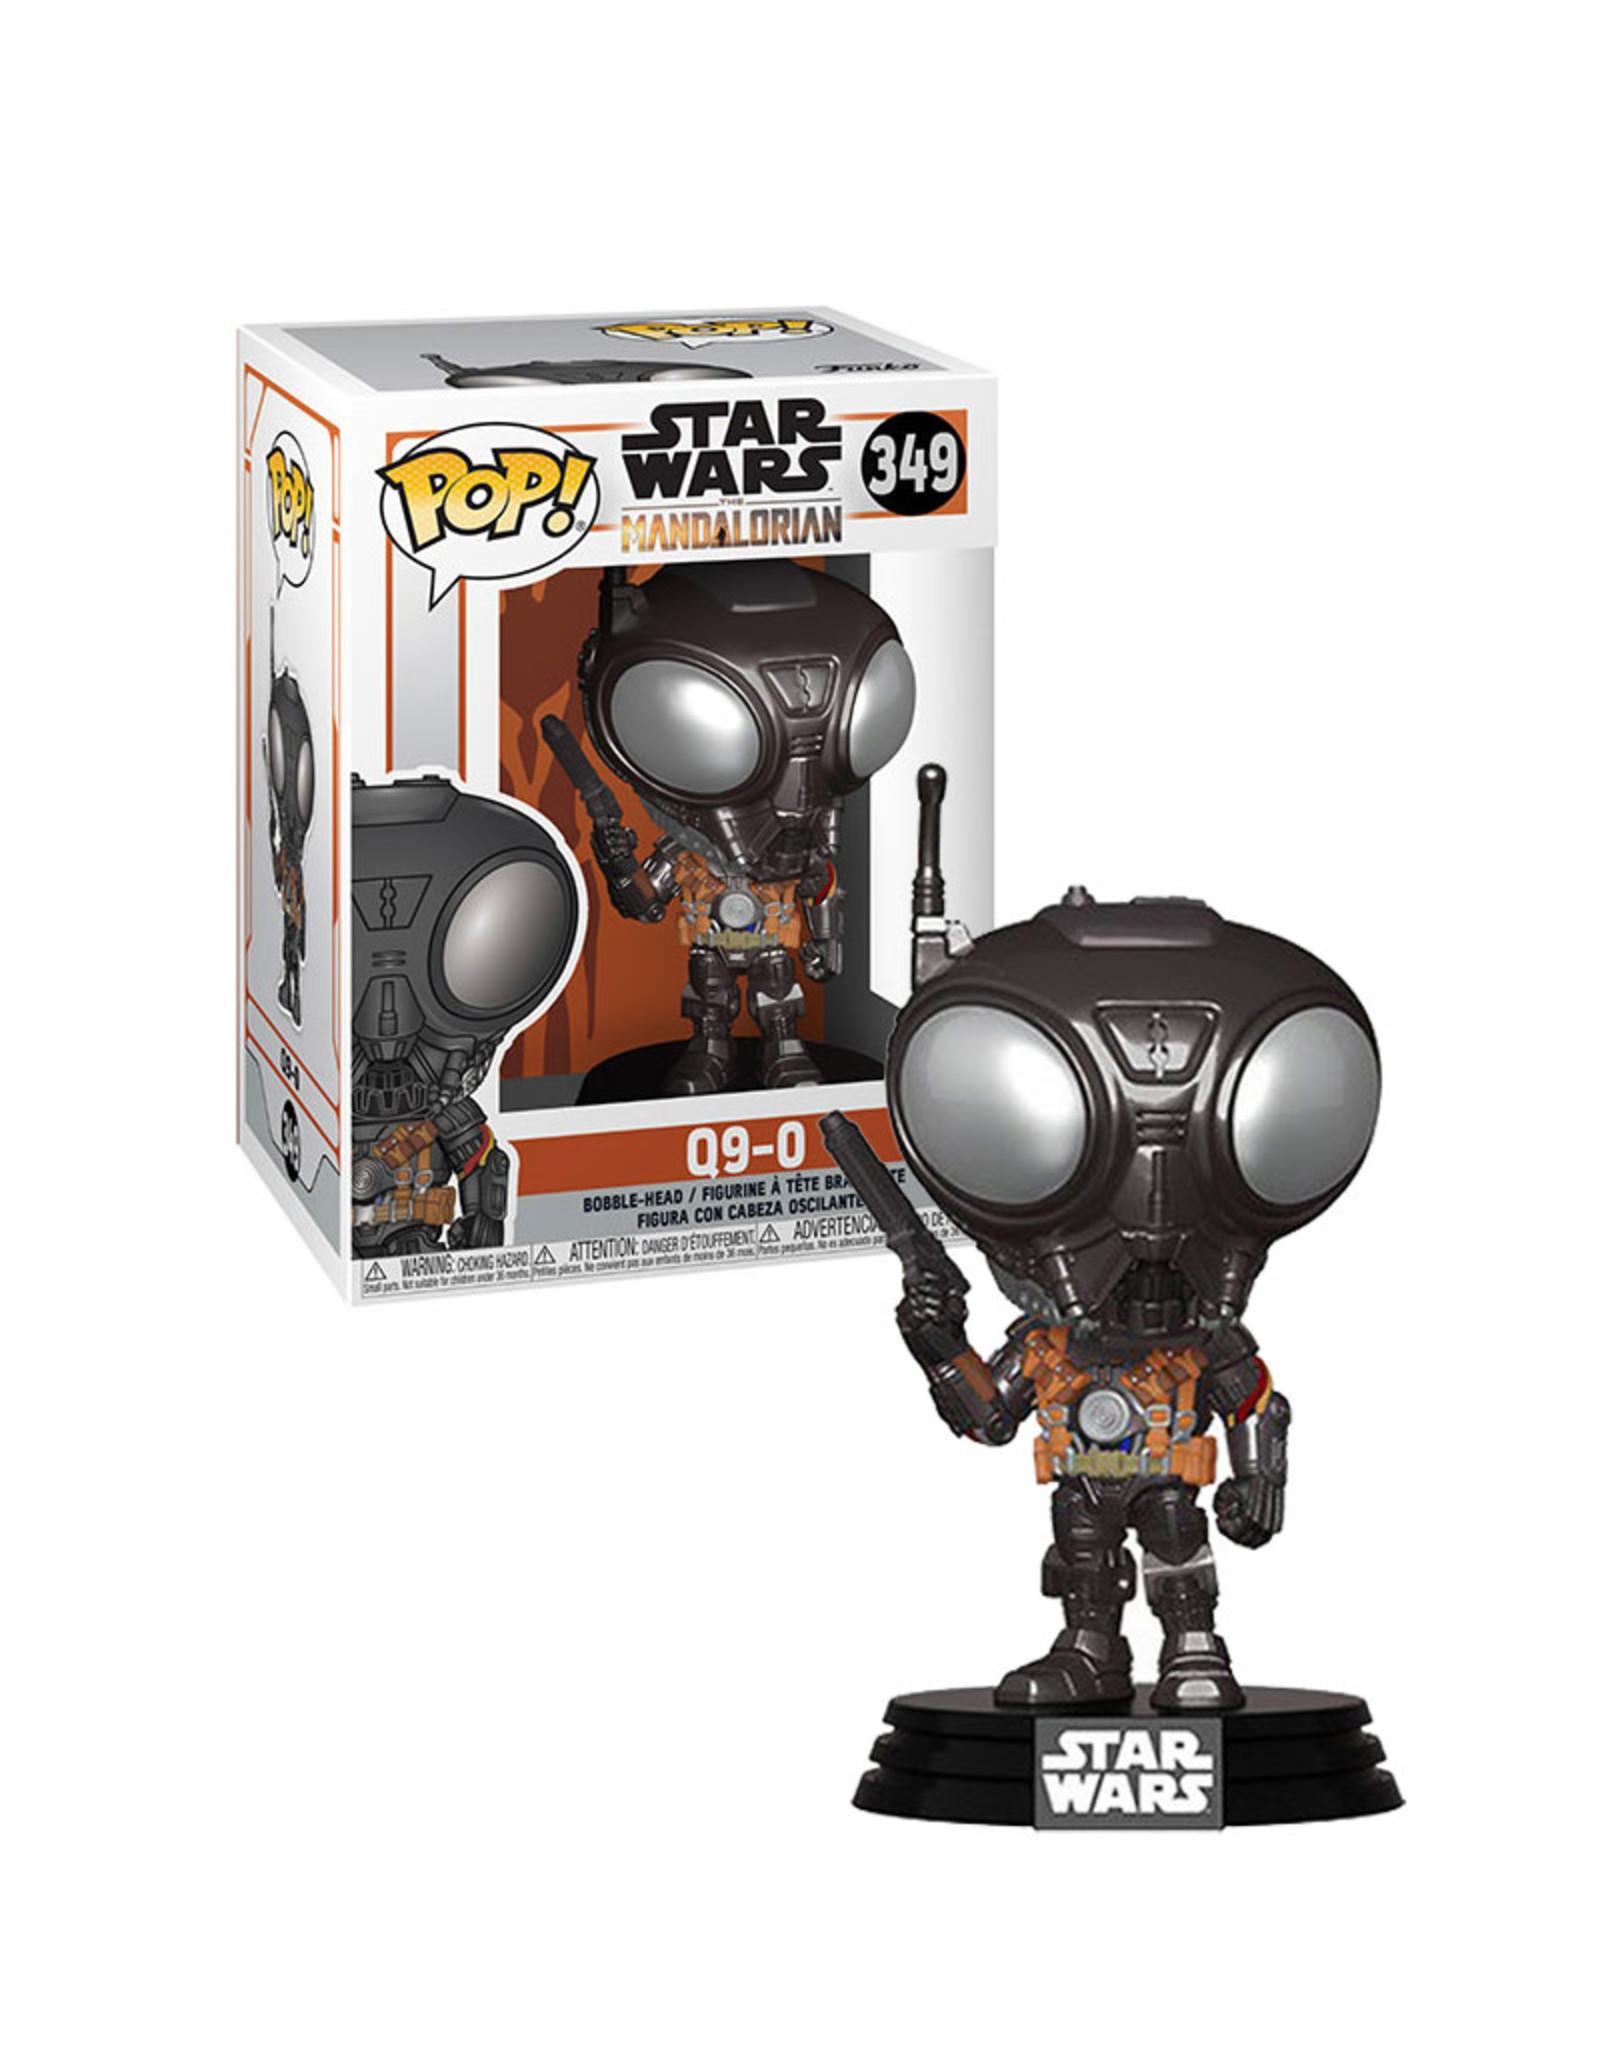 Star Wars Q9-0 349 ( Funko Pop ) Mandalorian